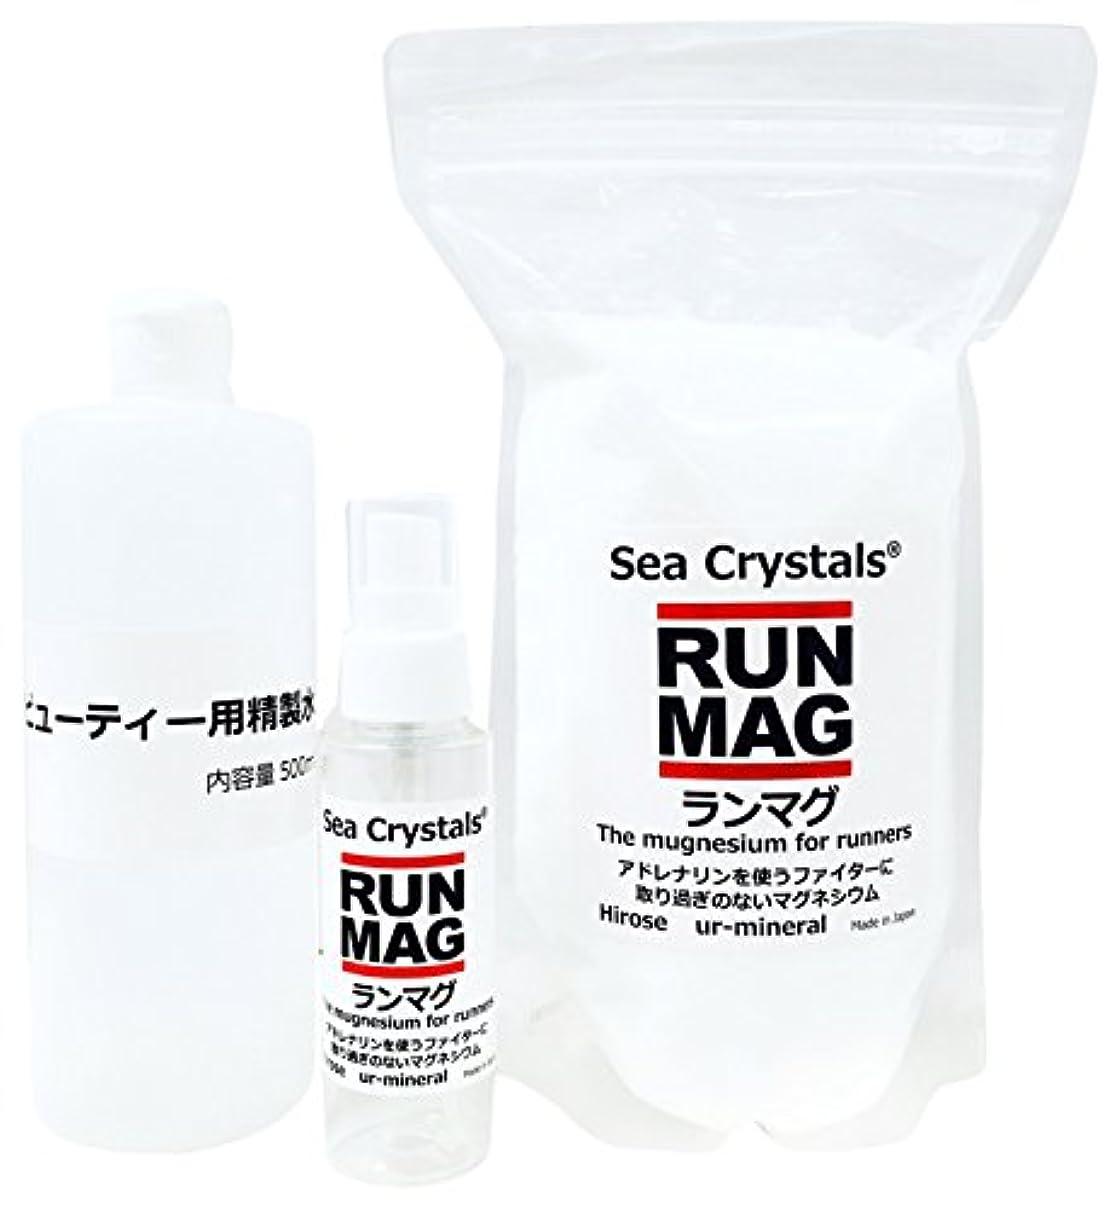 逃れる物足りないモナリザランマグ?マグネシウムオイル 500g 化粧品登録 日本製 1日マグネシウム360mg使用  精製水付き